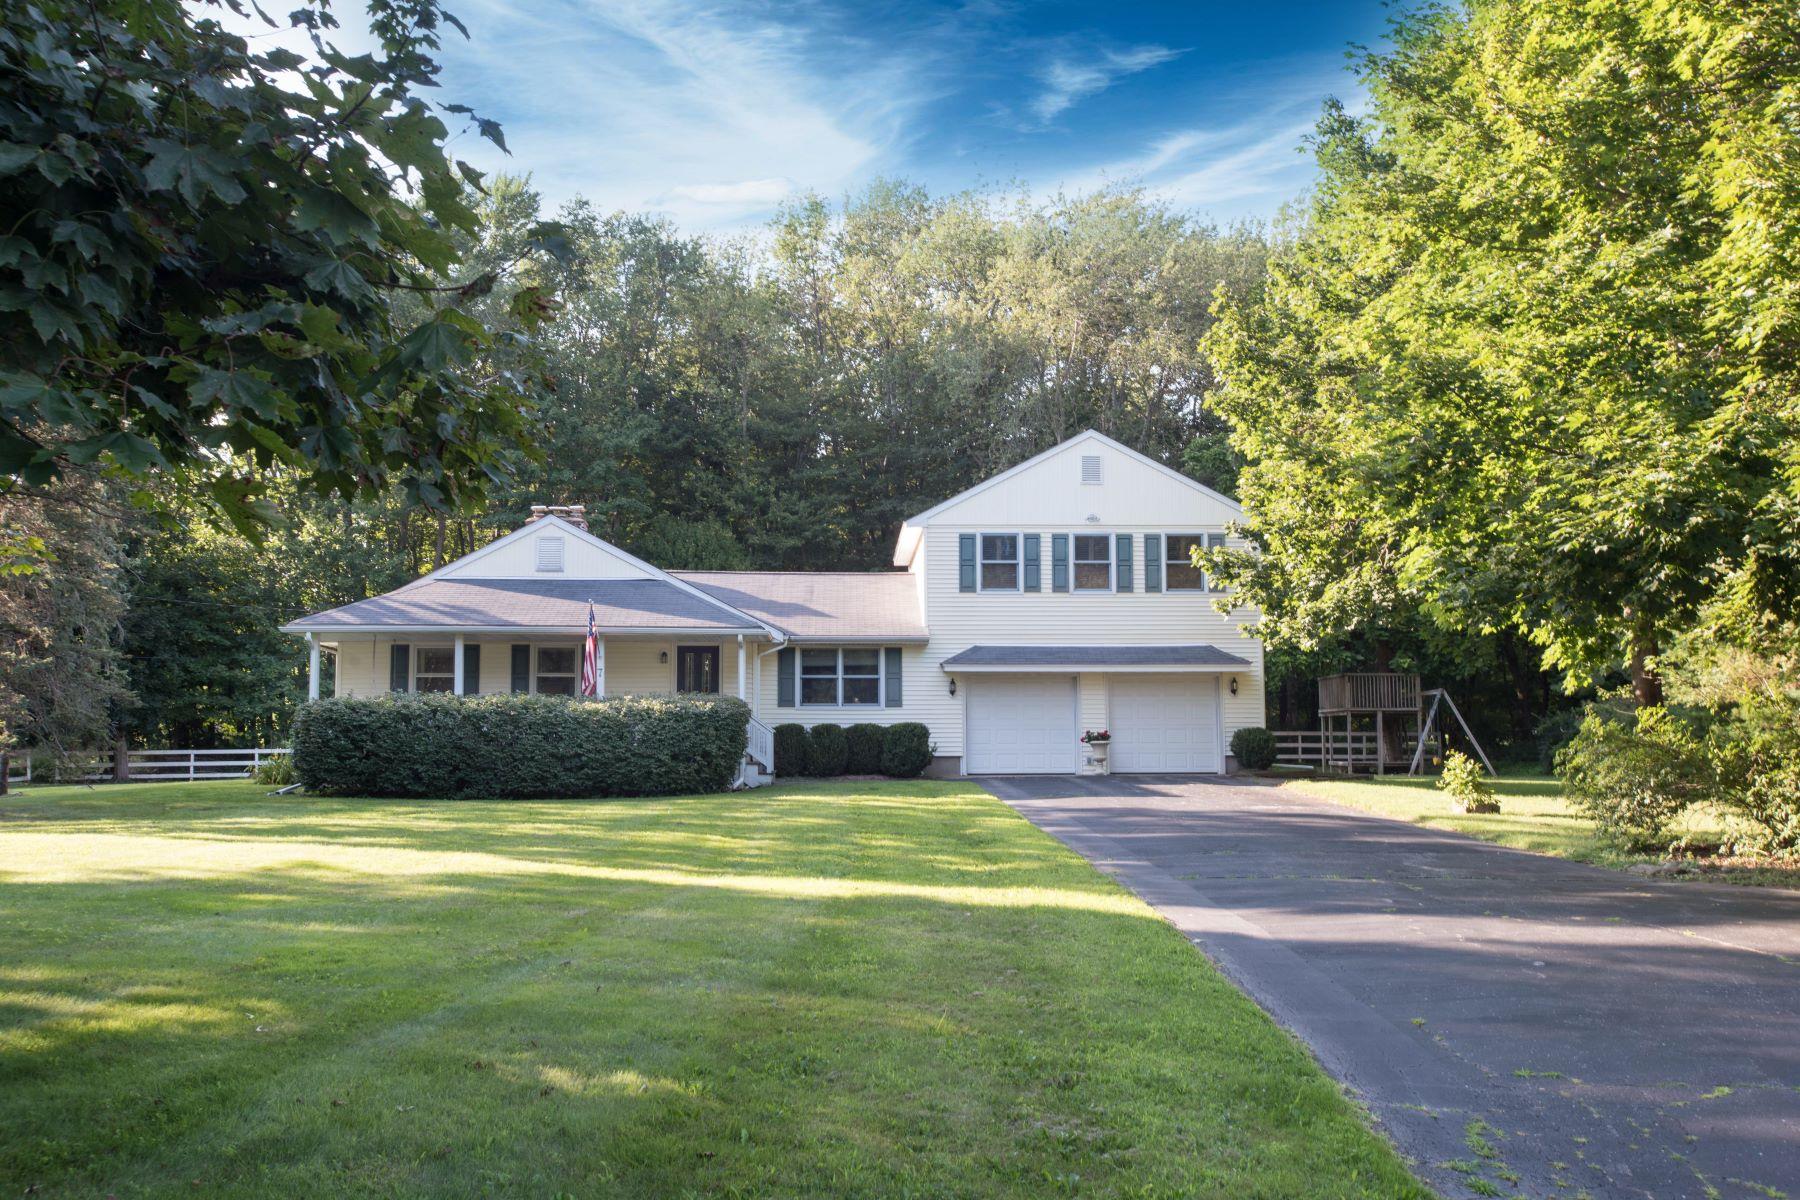 Частный односемейный дом для того Продажа на 7 Amante Drive 7 Amante Drive Easton, Коннектикут 06612 Соединенные Штаты